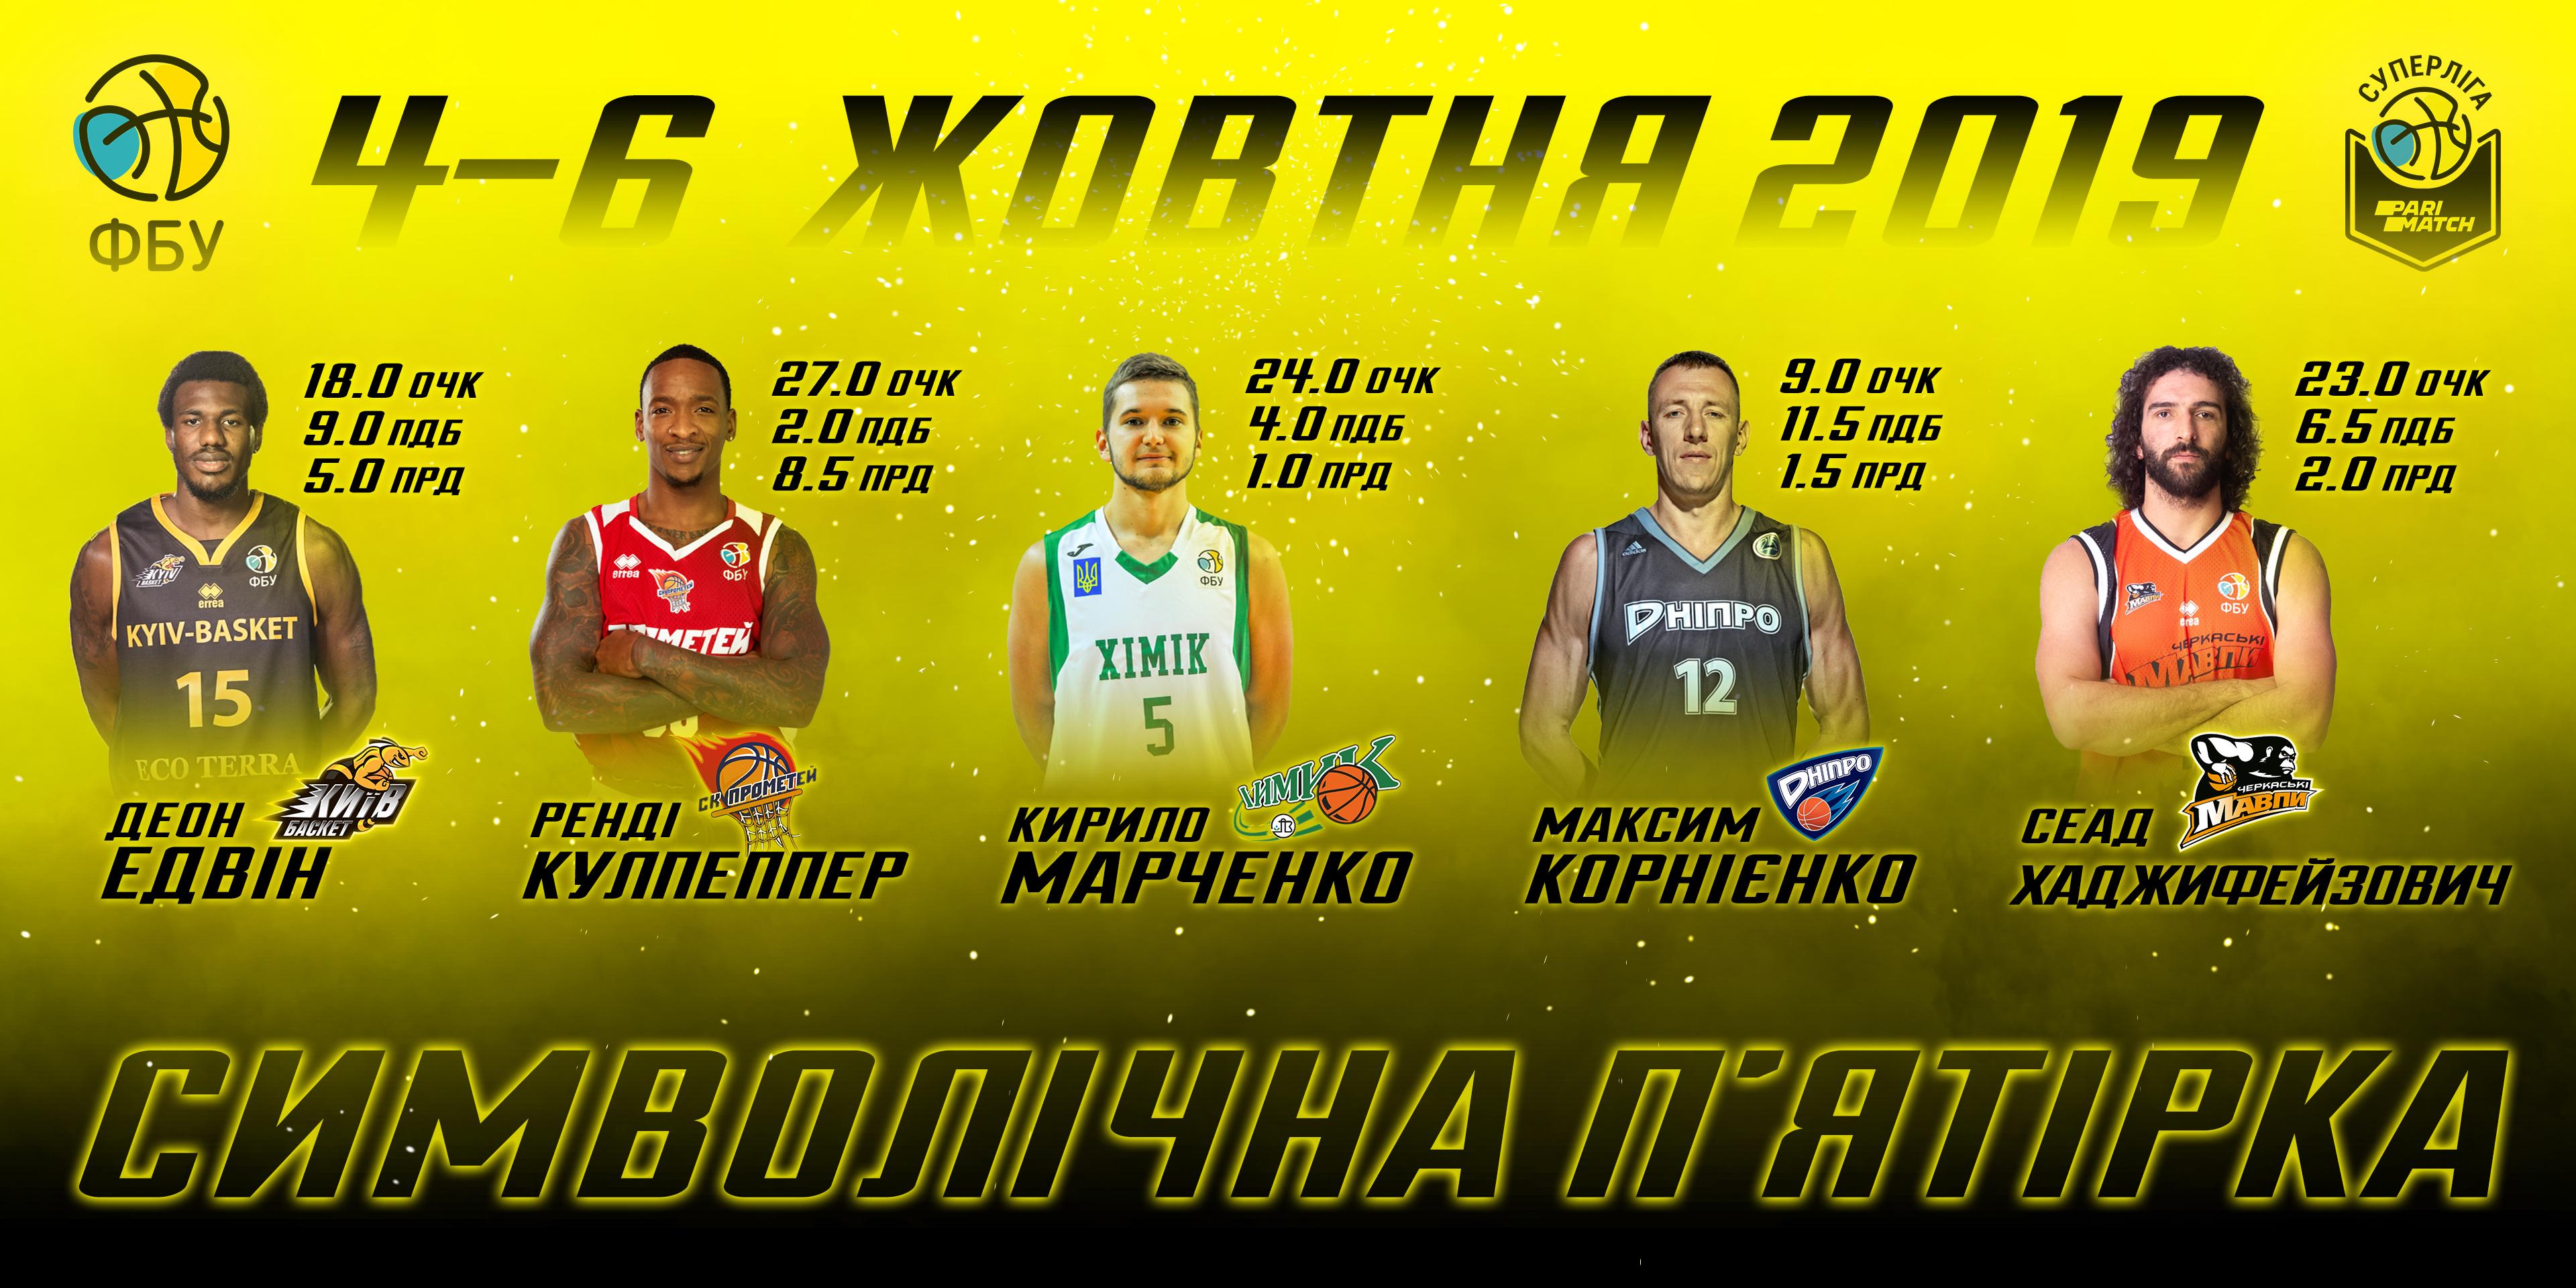 Суперліга Парі-Матч: топ-5 гравців 4 — 6 жовтня